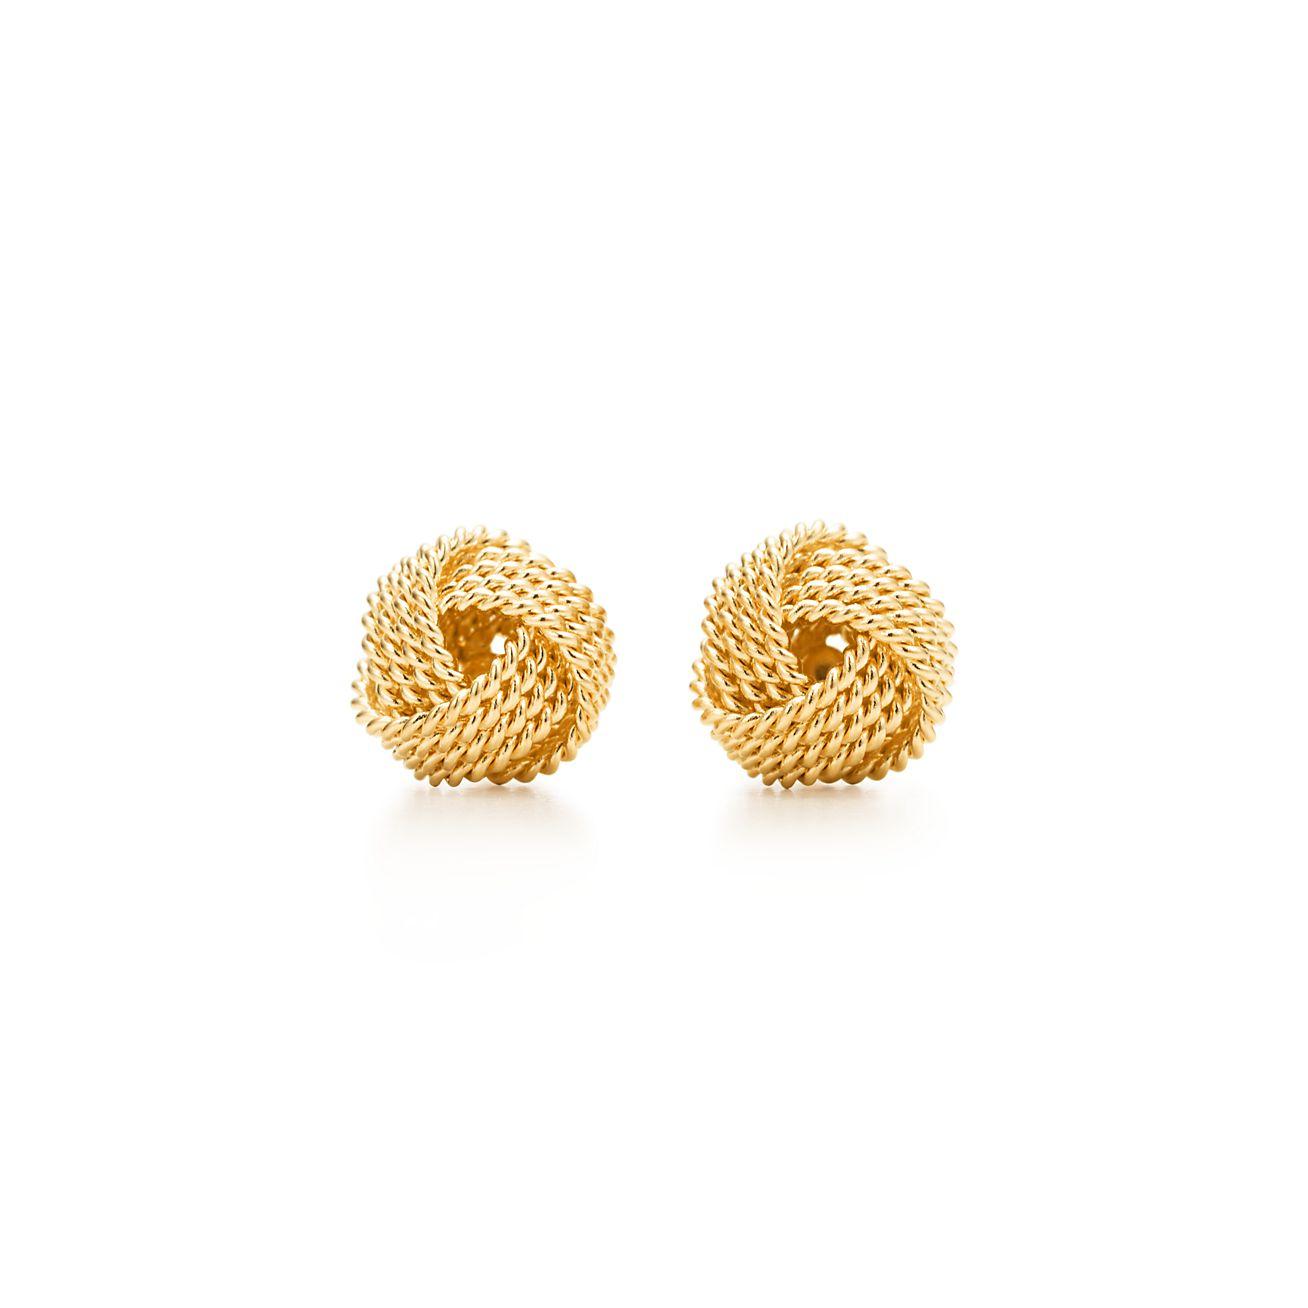 Tiffany Twist knot earrings in 18k gold.